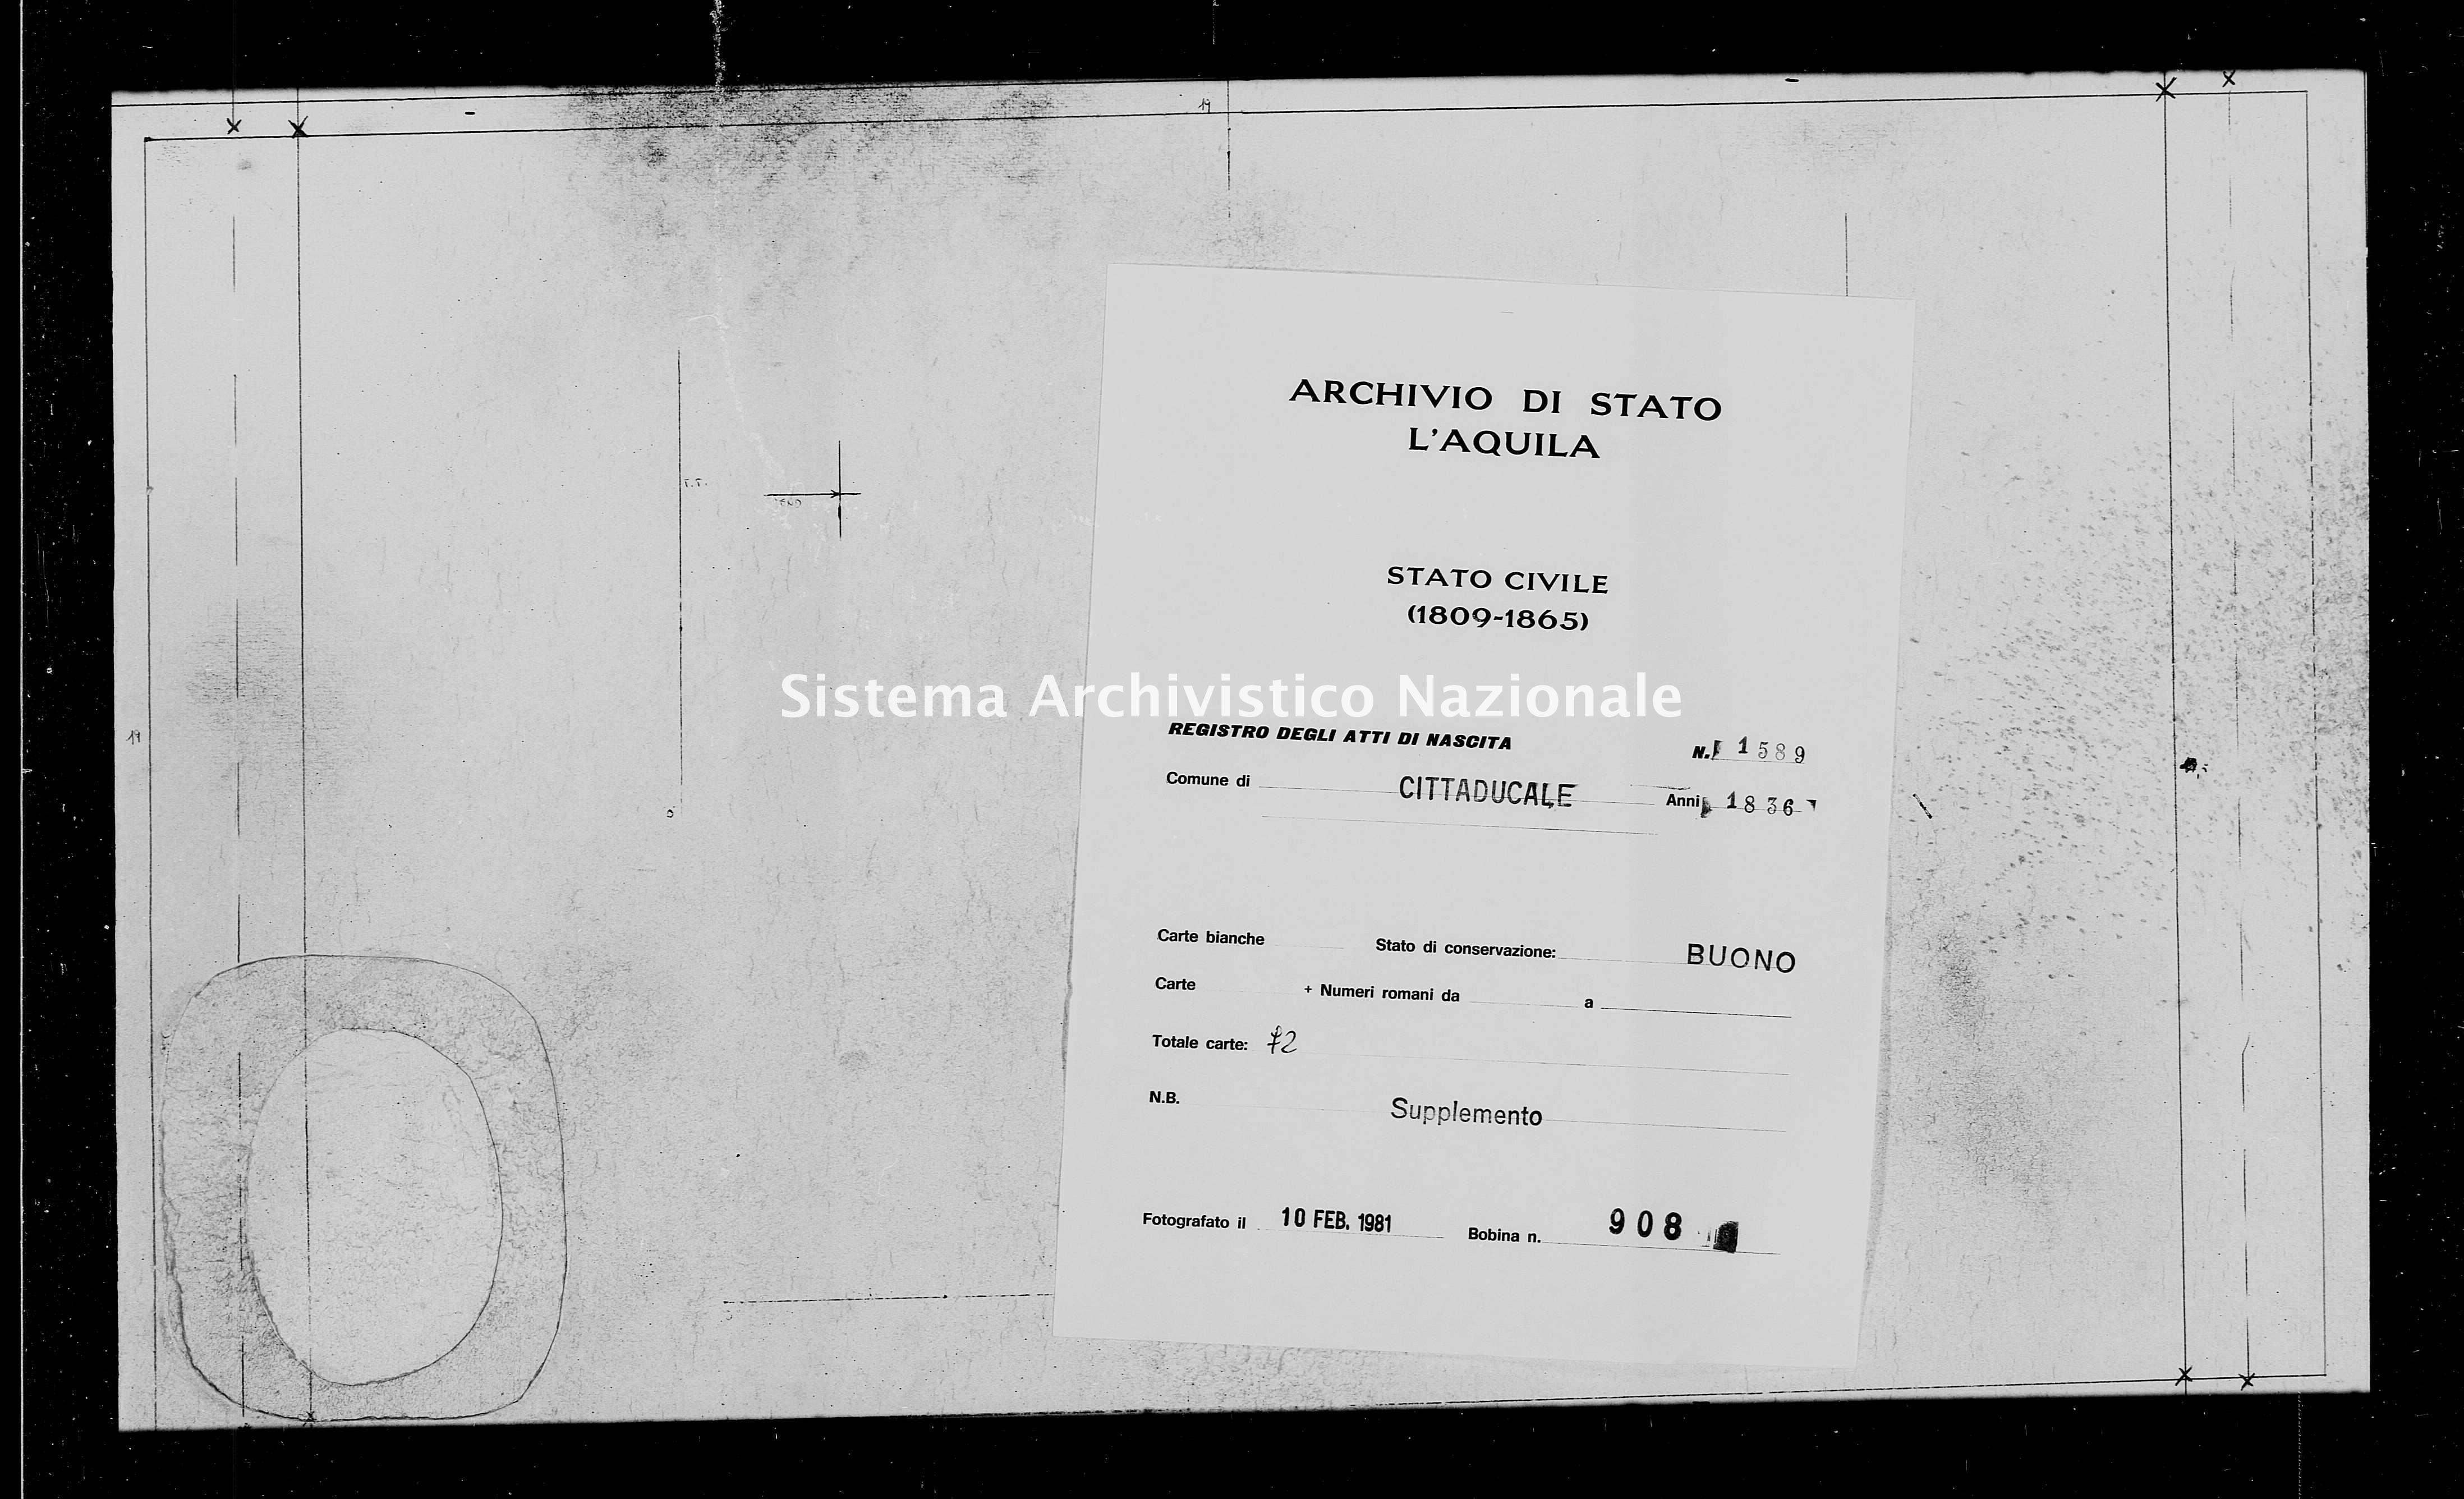 Archivio di stato di L'aquila - Stato civile della restaurazione - Cittaducale - Nati, battesimi - 1836 - 1589 -